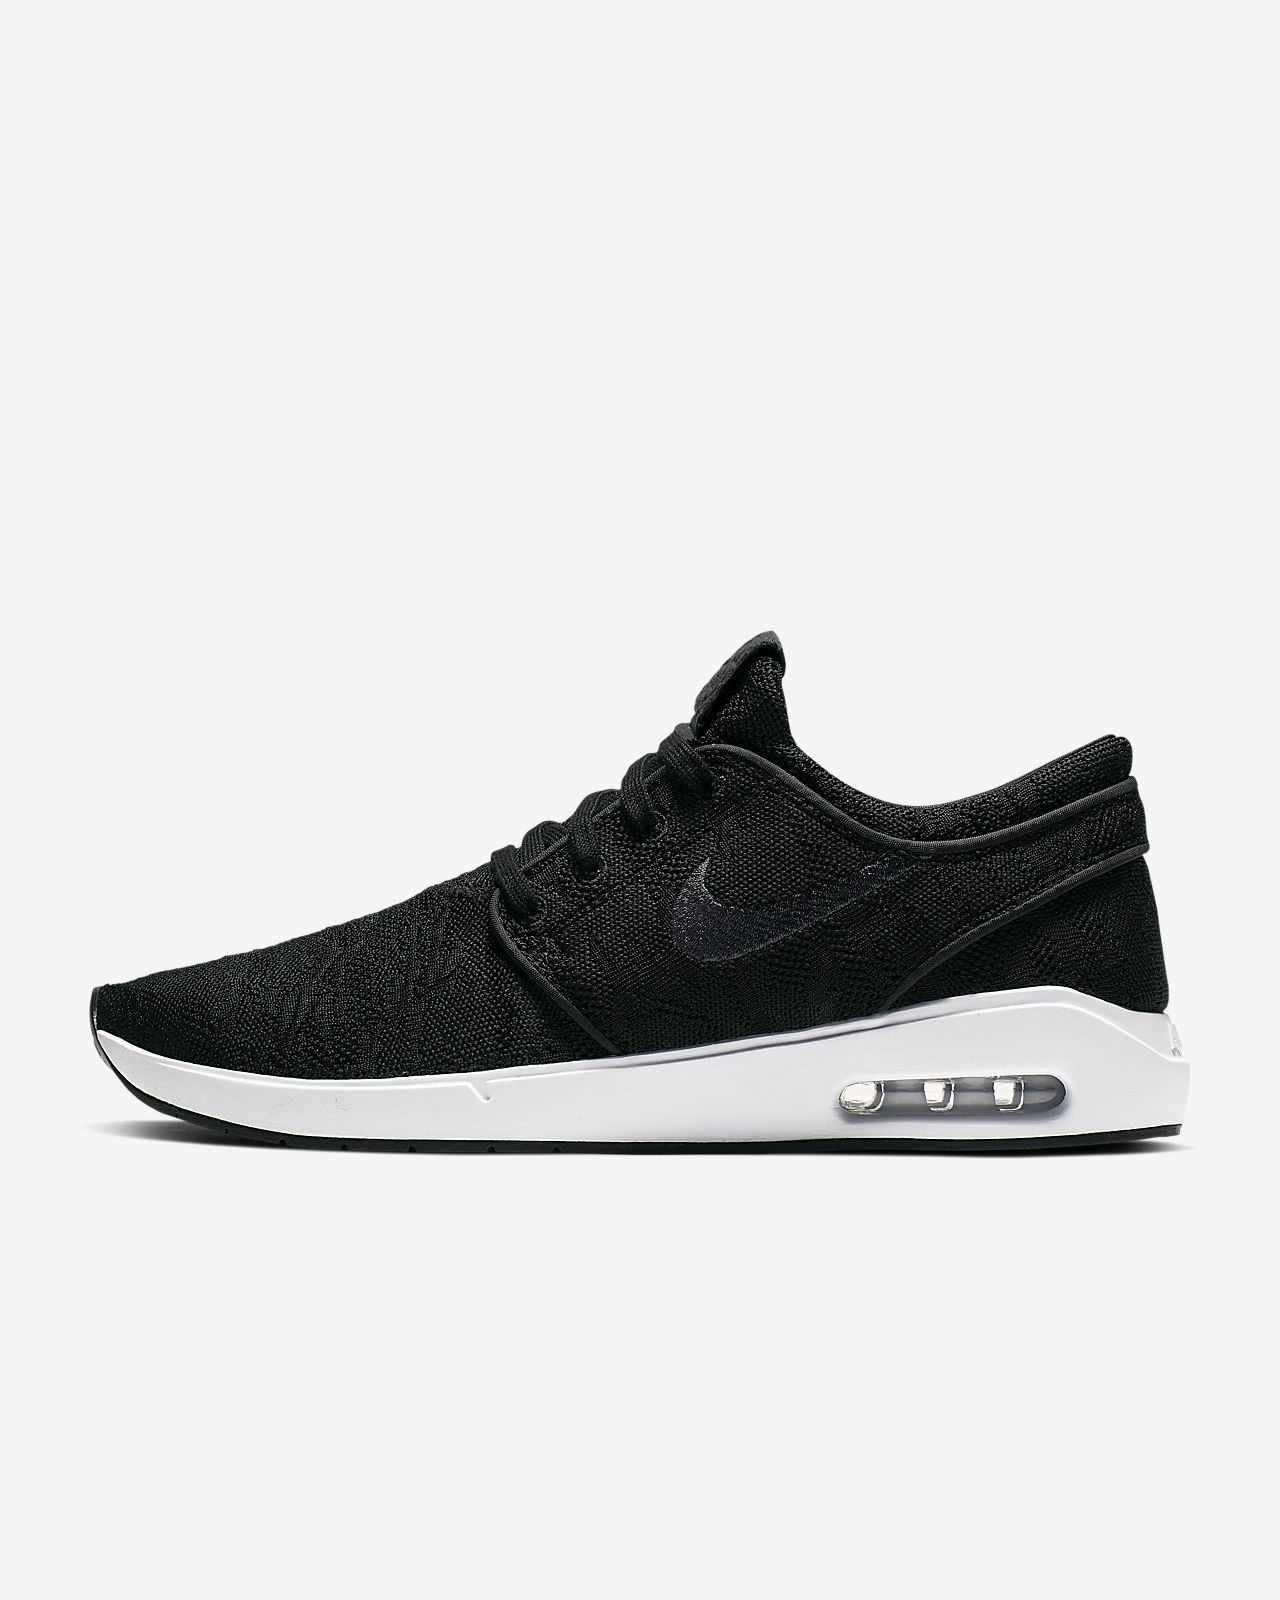 Calzado de skateboarding para hombre Nike SB Air Max Stefan Janoski 2